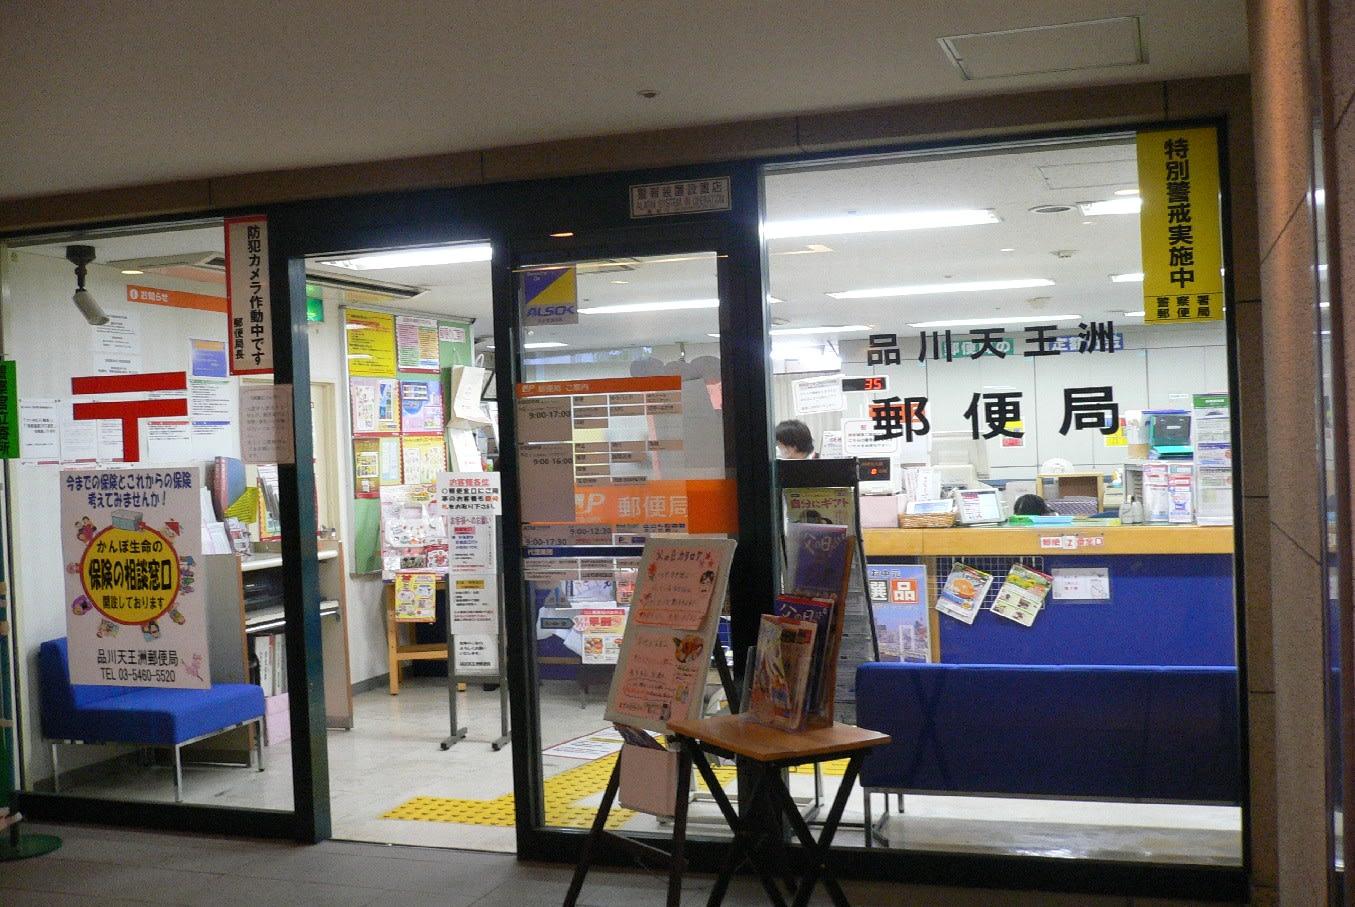 天王 洲 アイル 郵便 局